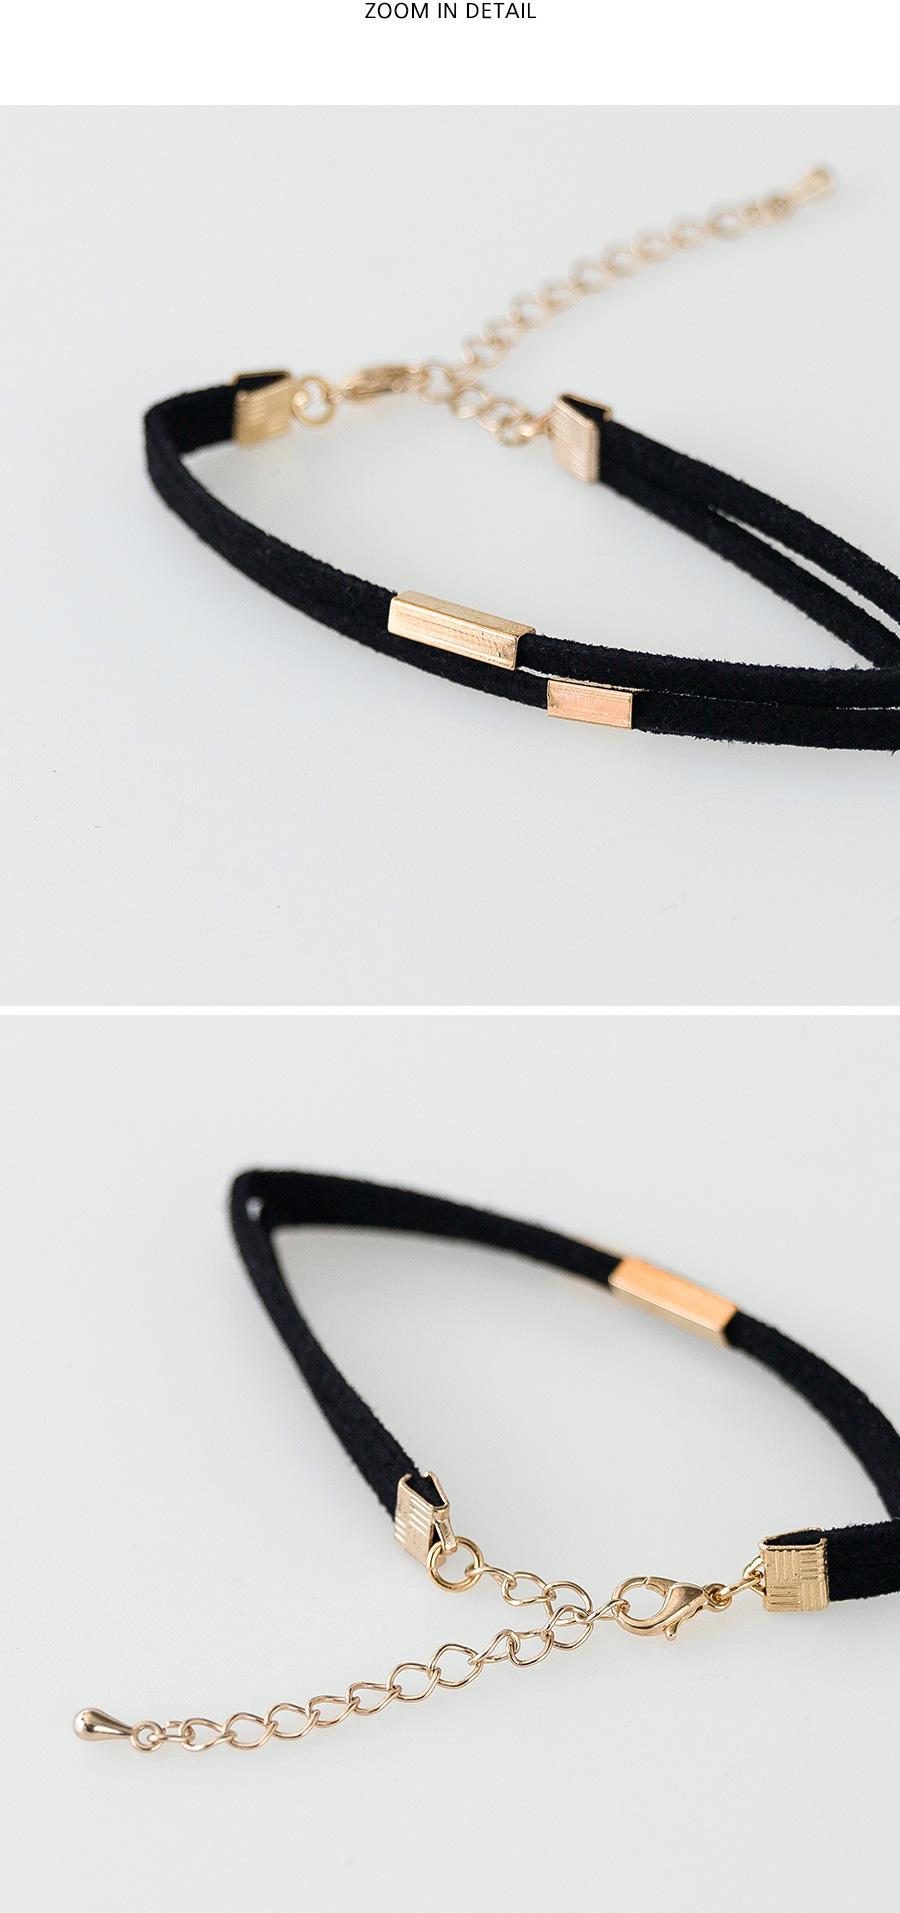 gold bar detail suede bracelet